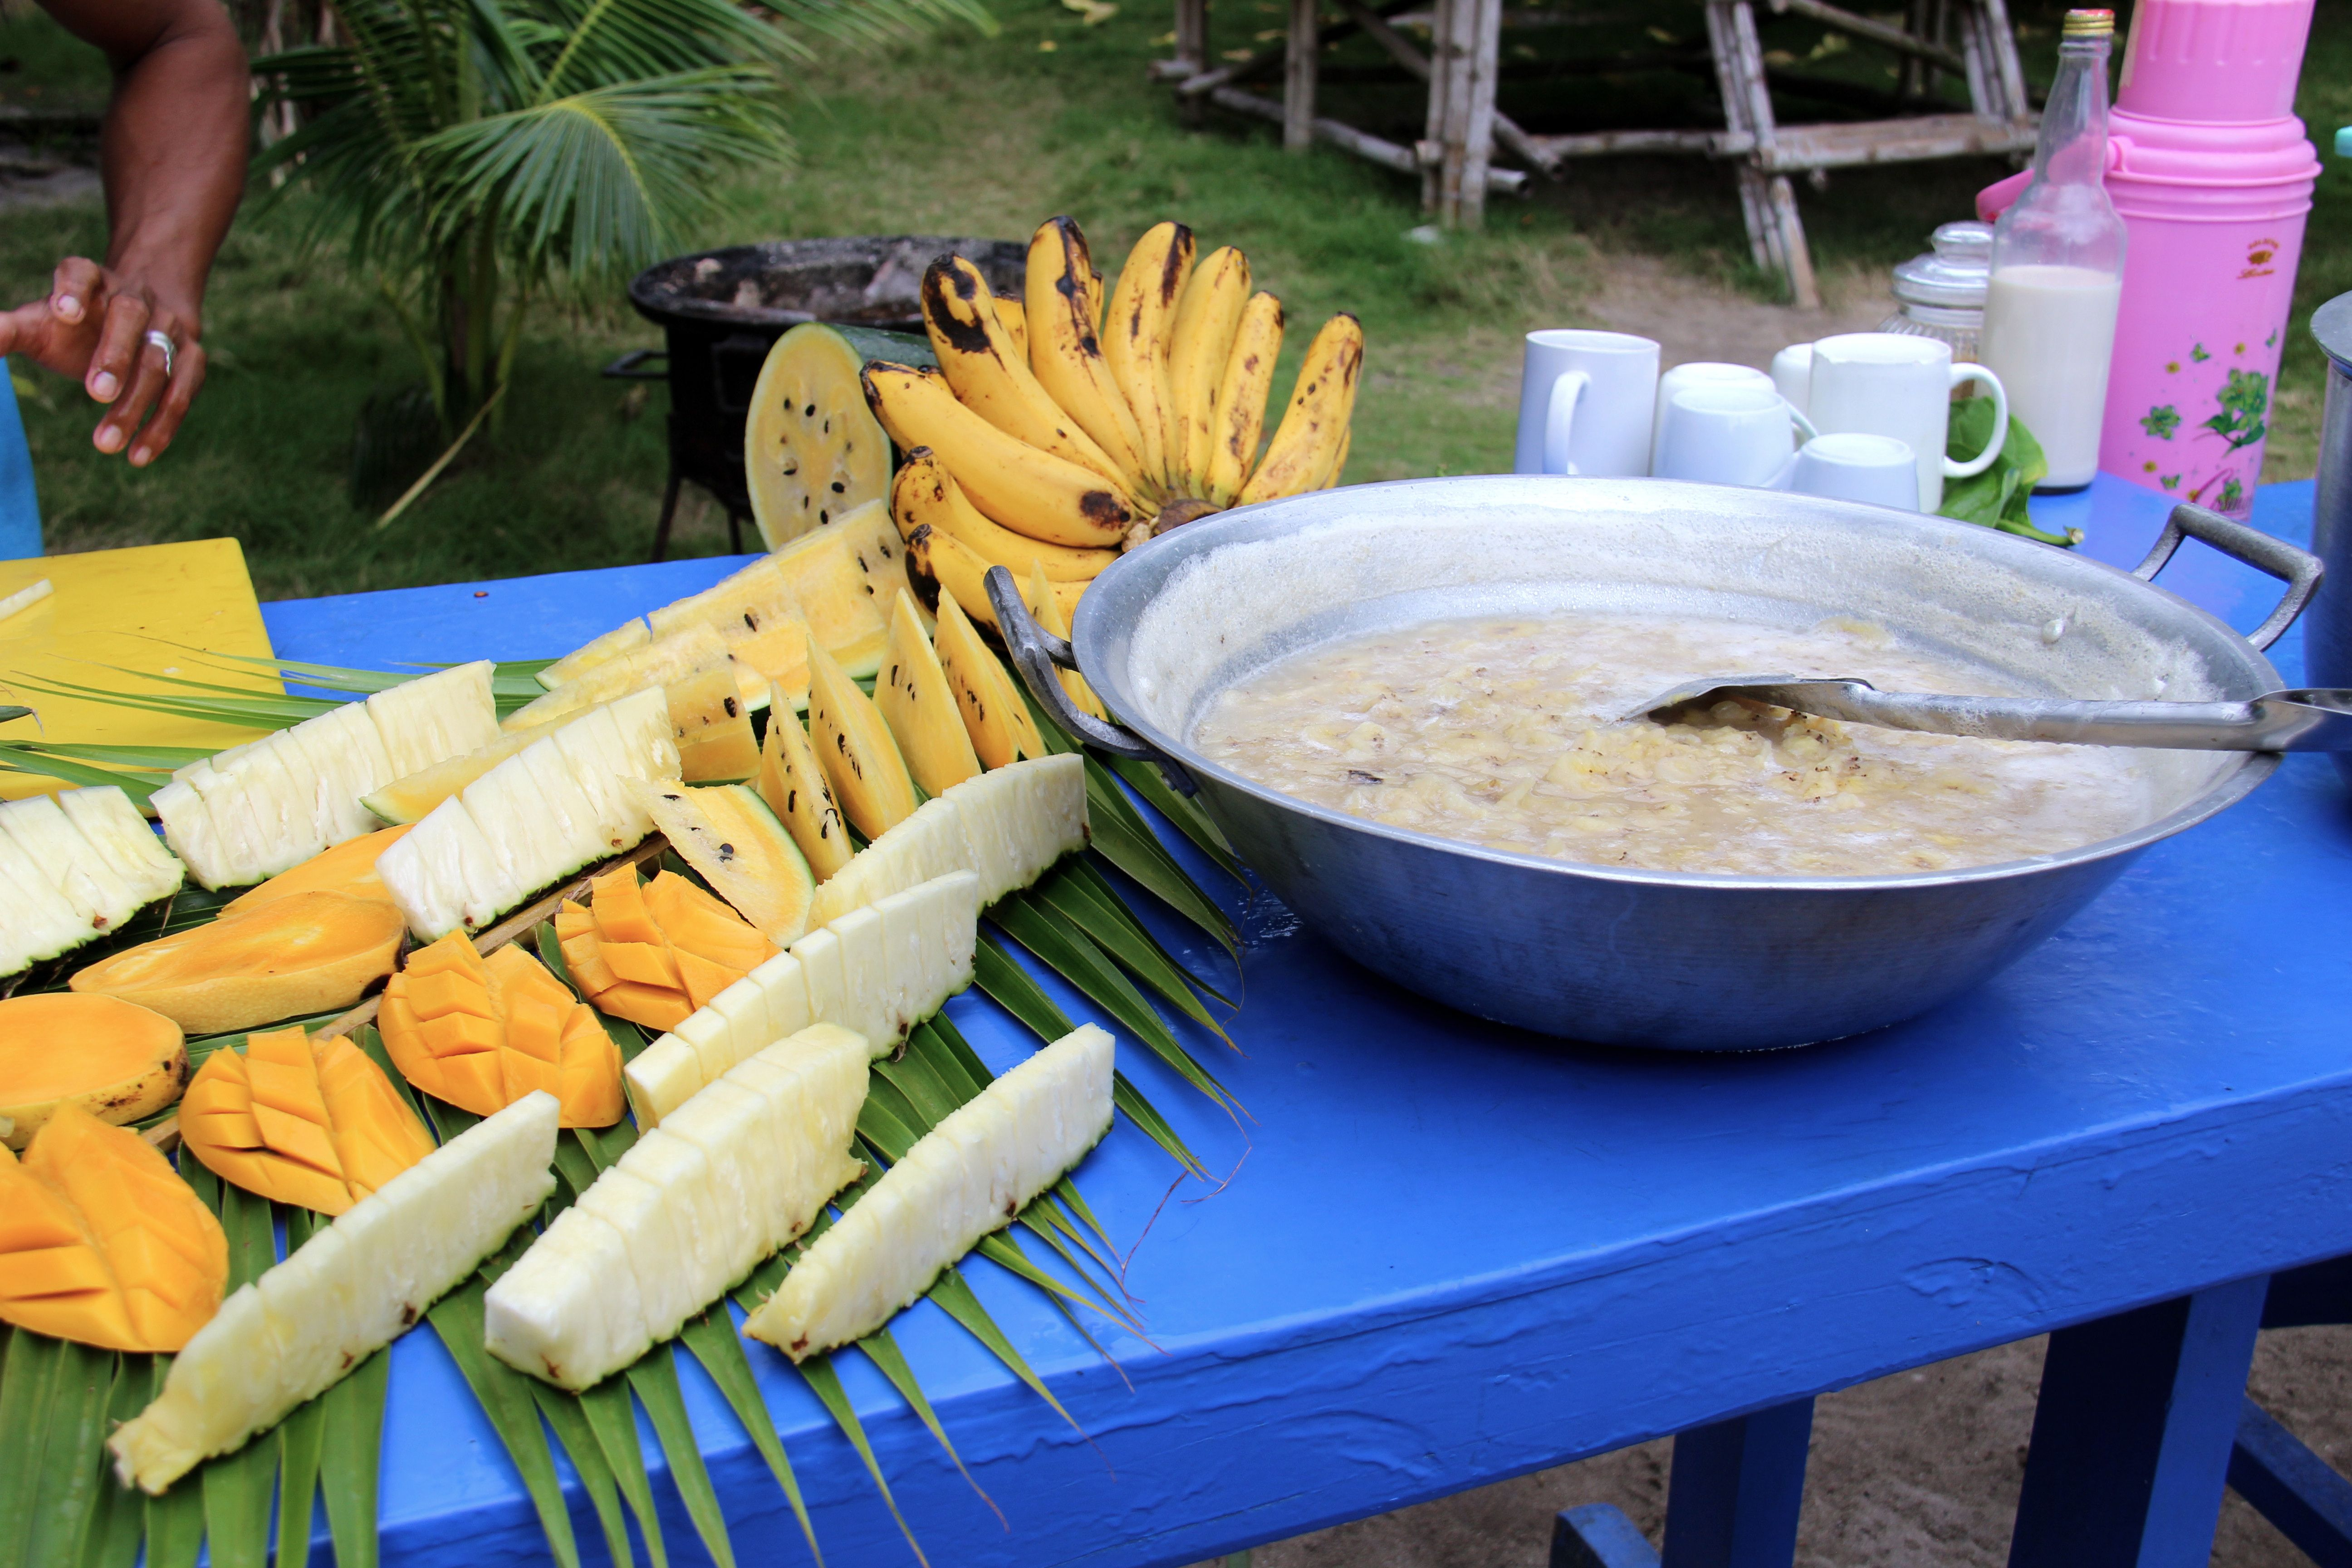 Petit déjeuner au camp de base Tao expeditions : porridge et fruits exotiques frais